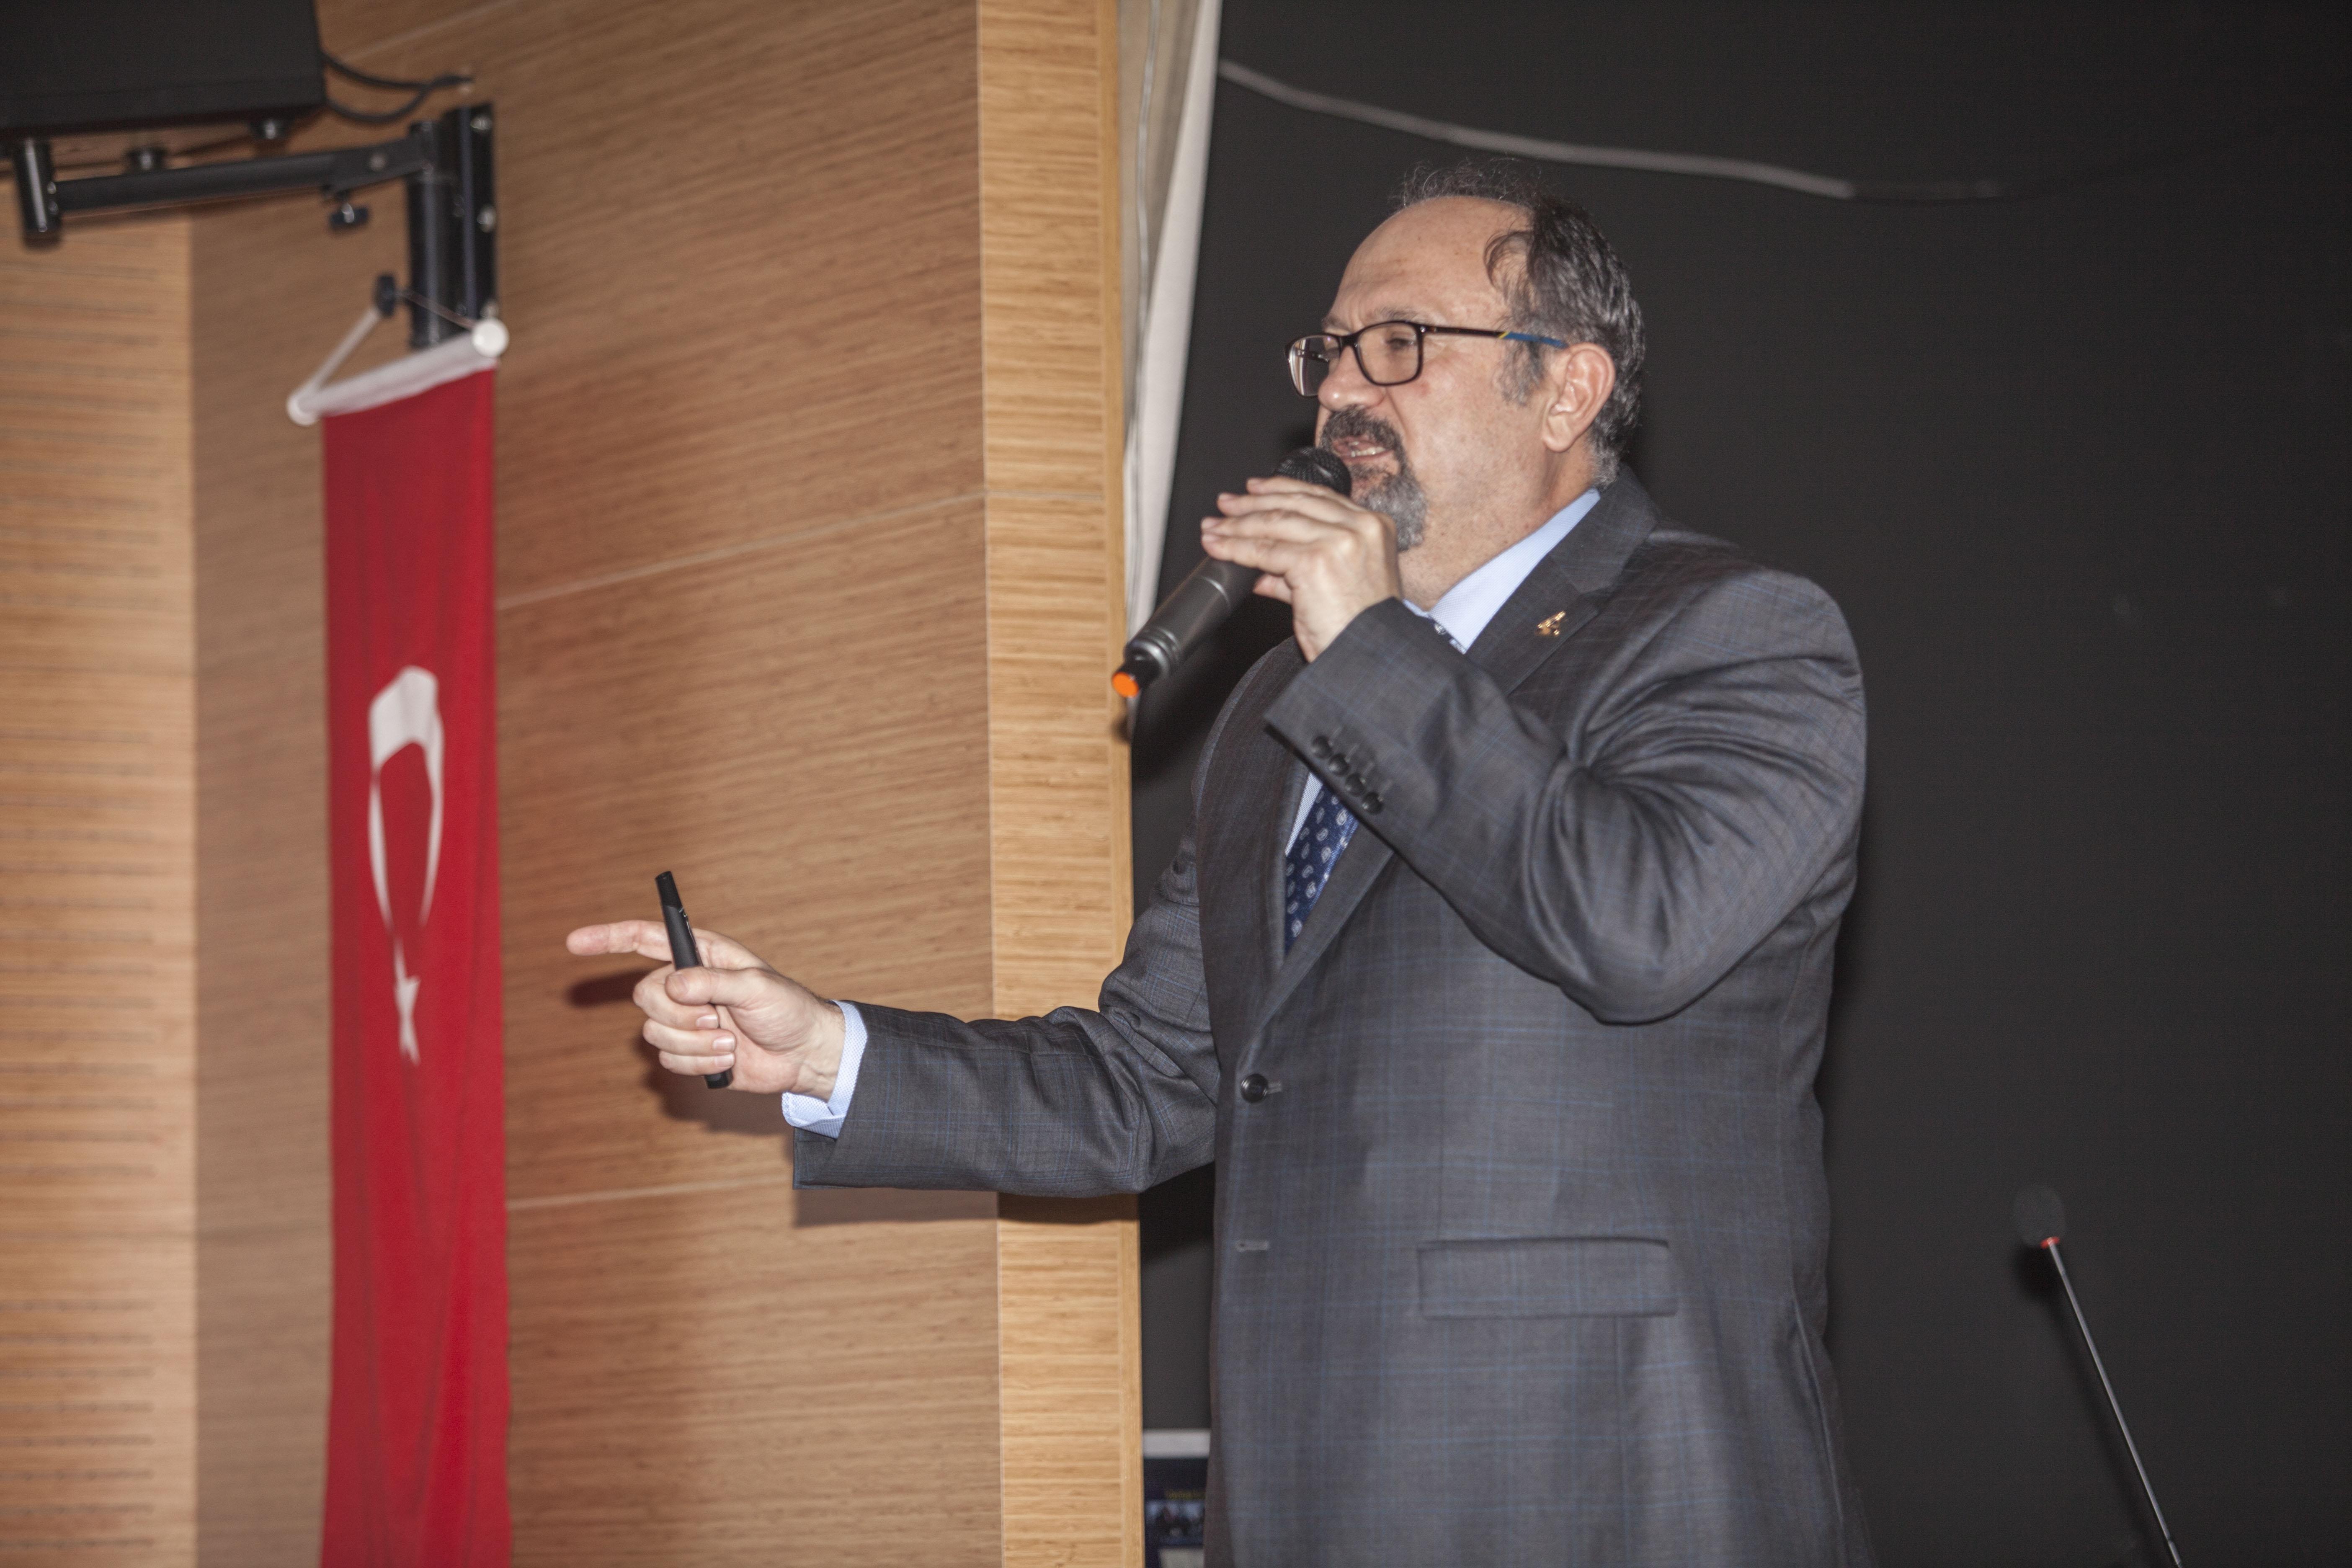 2018-19 DÖNEMİ İKEV TECRÜBE KONFERANSLARI - Haberler - İKEV - İlim Kültür ve Eğitim Vakfı